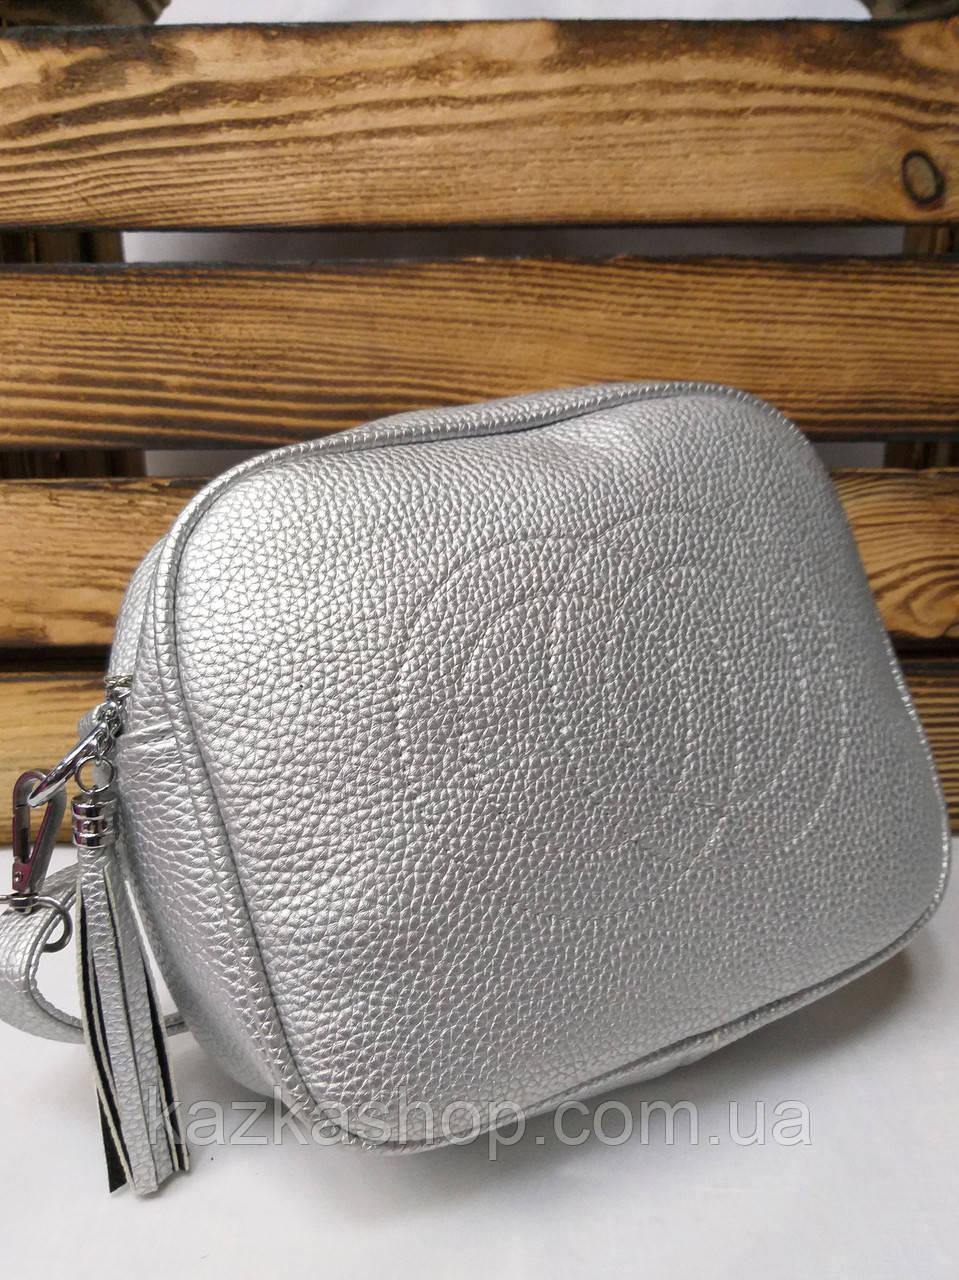 6208cfa7d9a3 Женский клатч серебряного цвета, без клапана на молнии с длинным  регулируемым ремешком - Интернет магазин